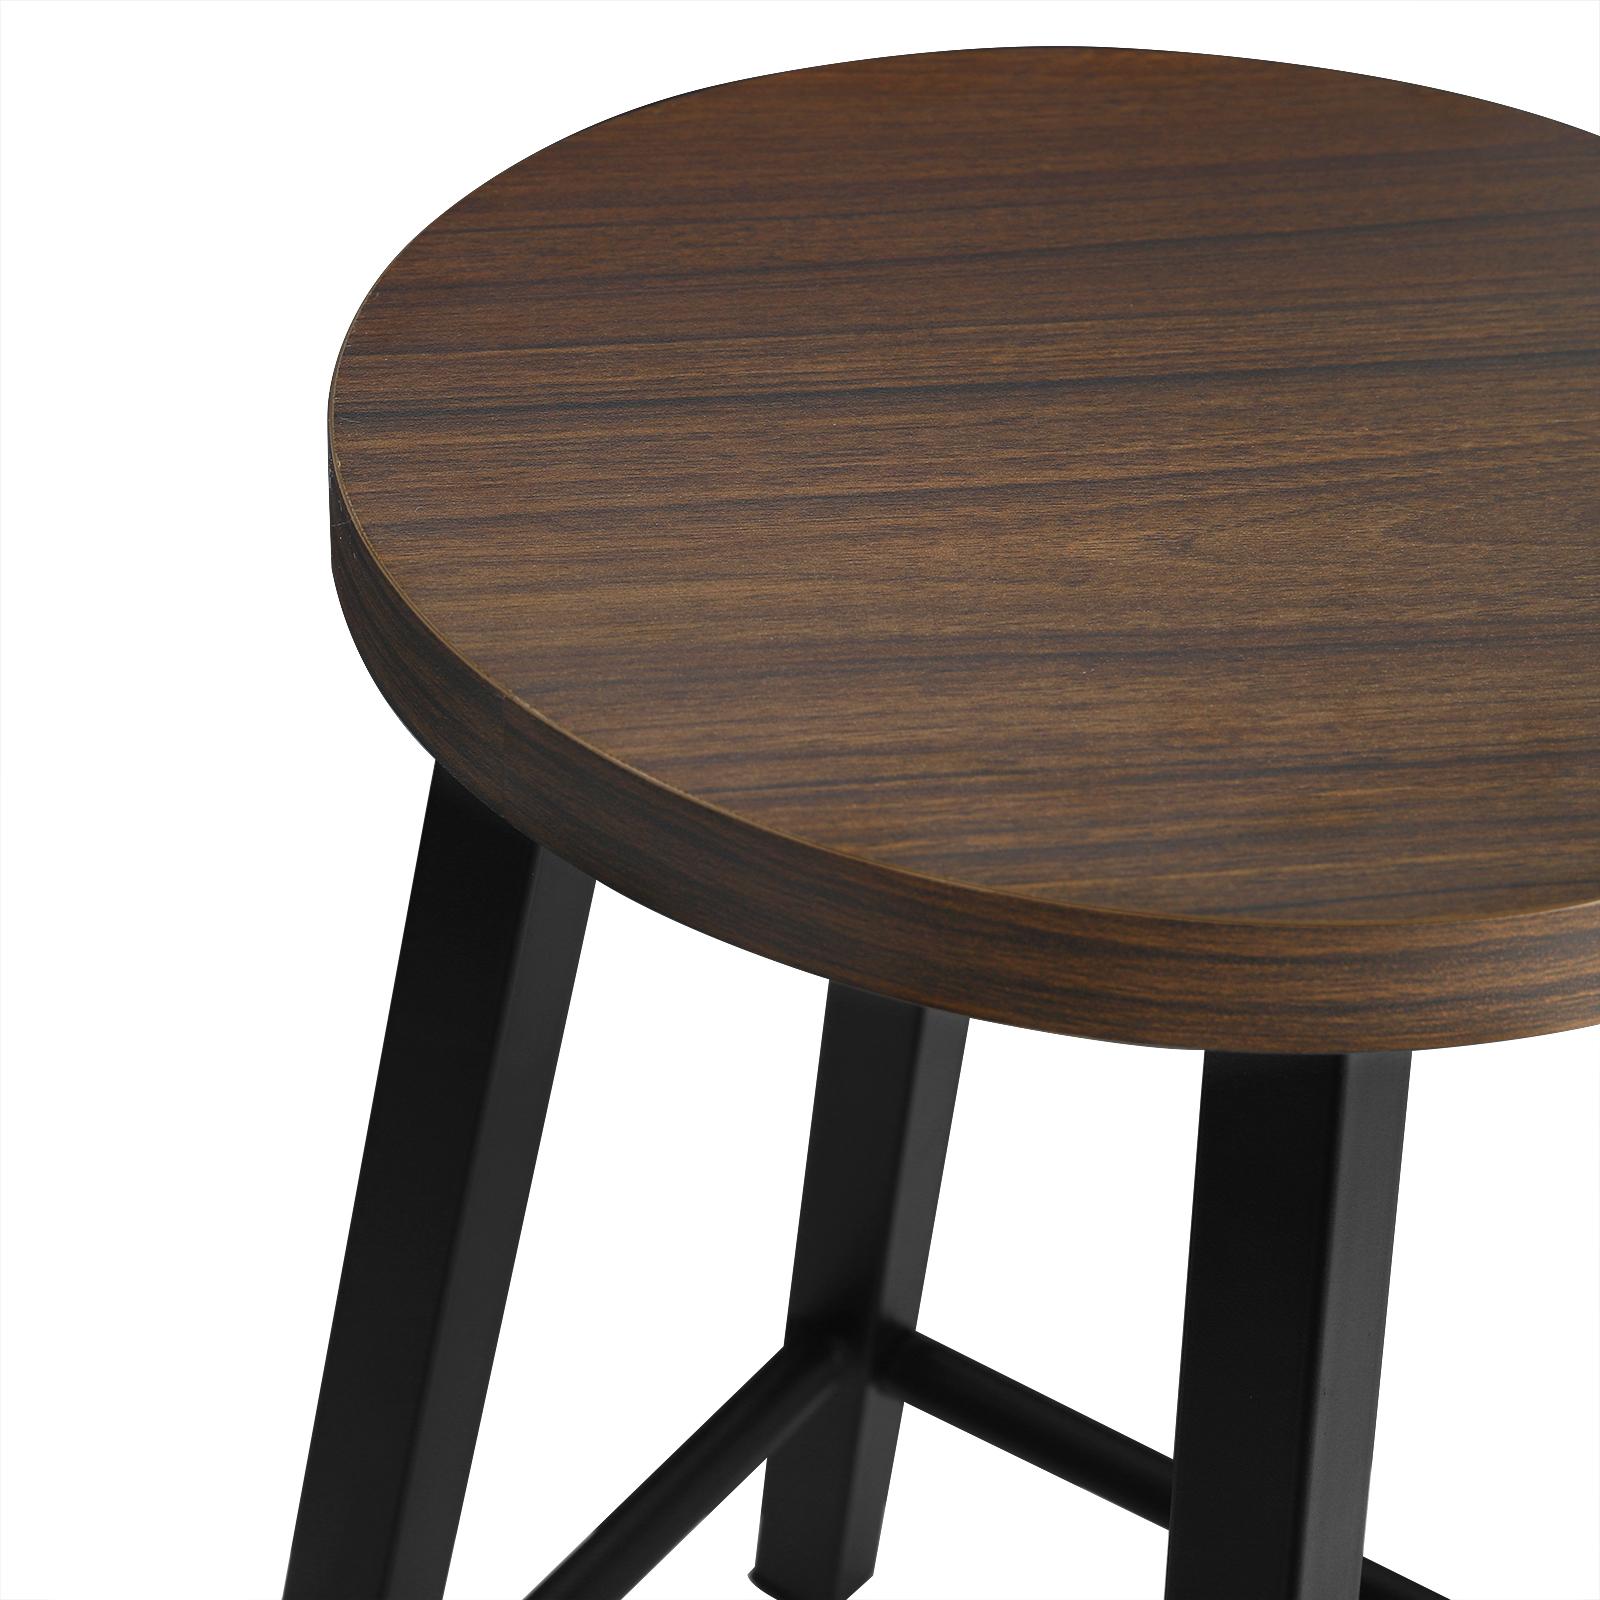 Indexbild 6 - 2 X Esszimmerstühle Küchenstühle aus Metall und Holz,Dunkelbuche BH297dc-2